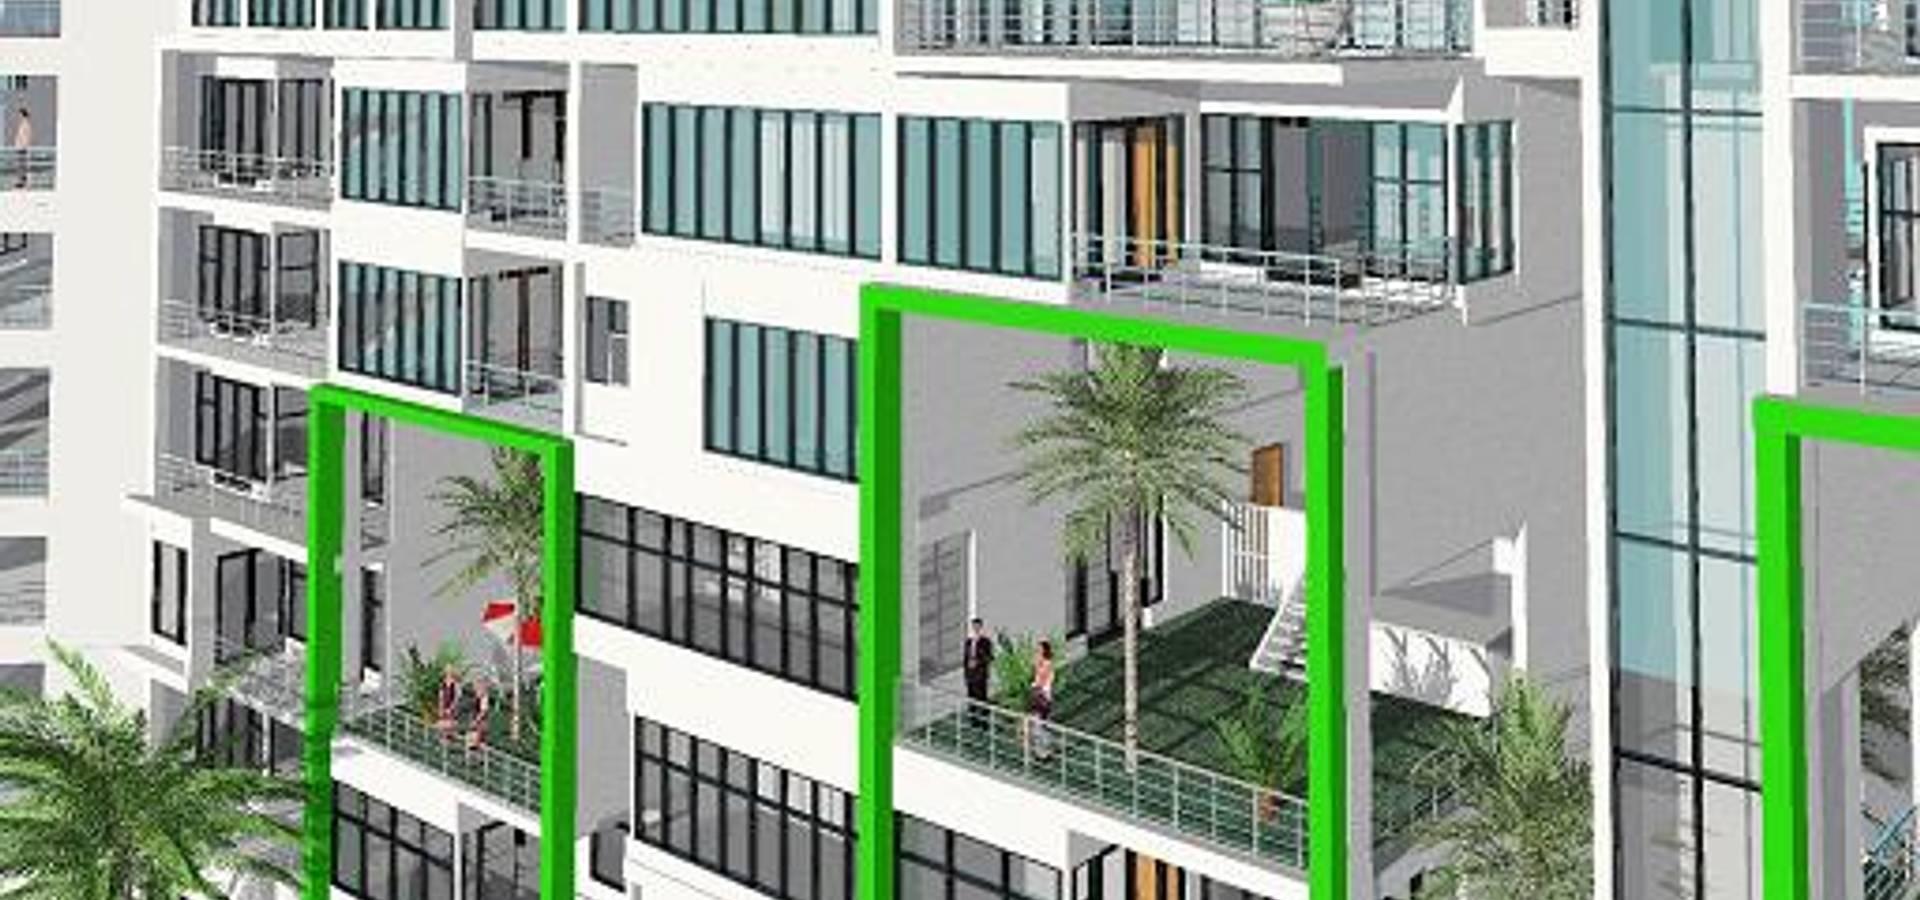 Hyperrealistic Architectural Studio